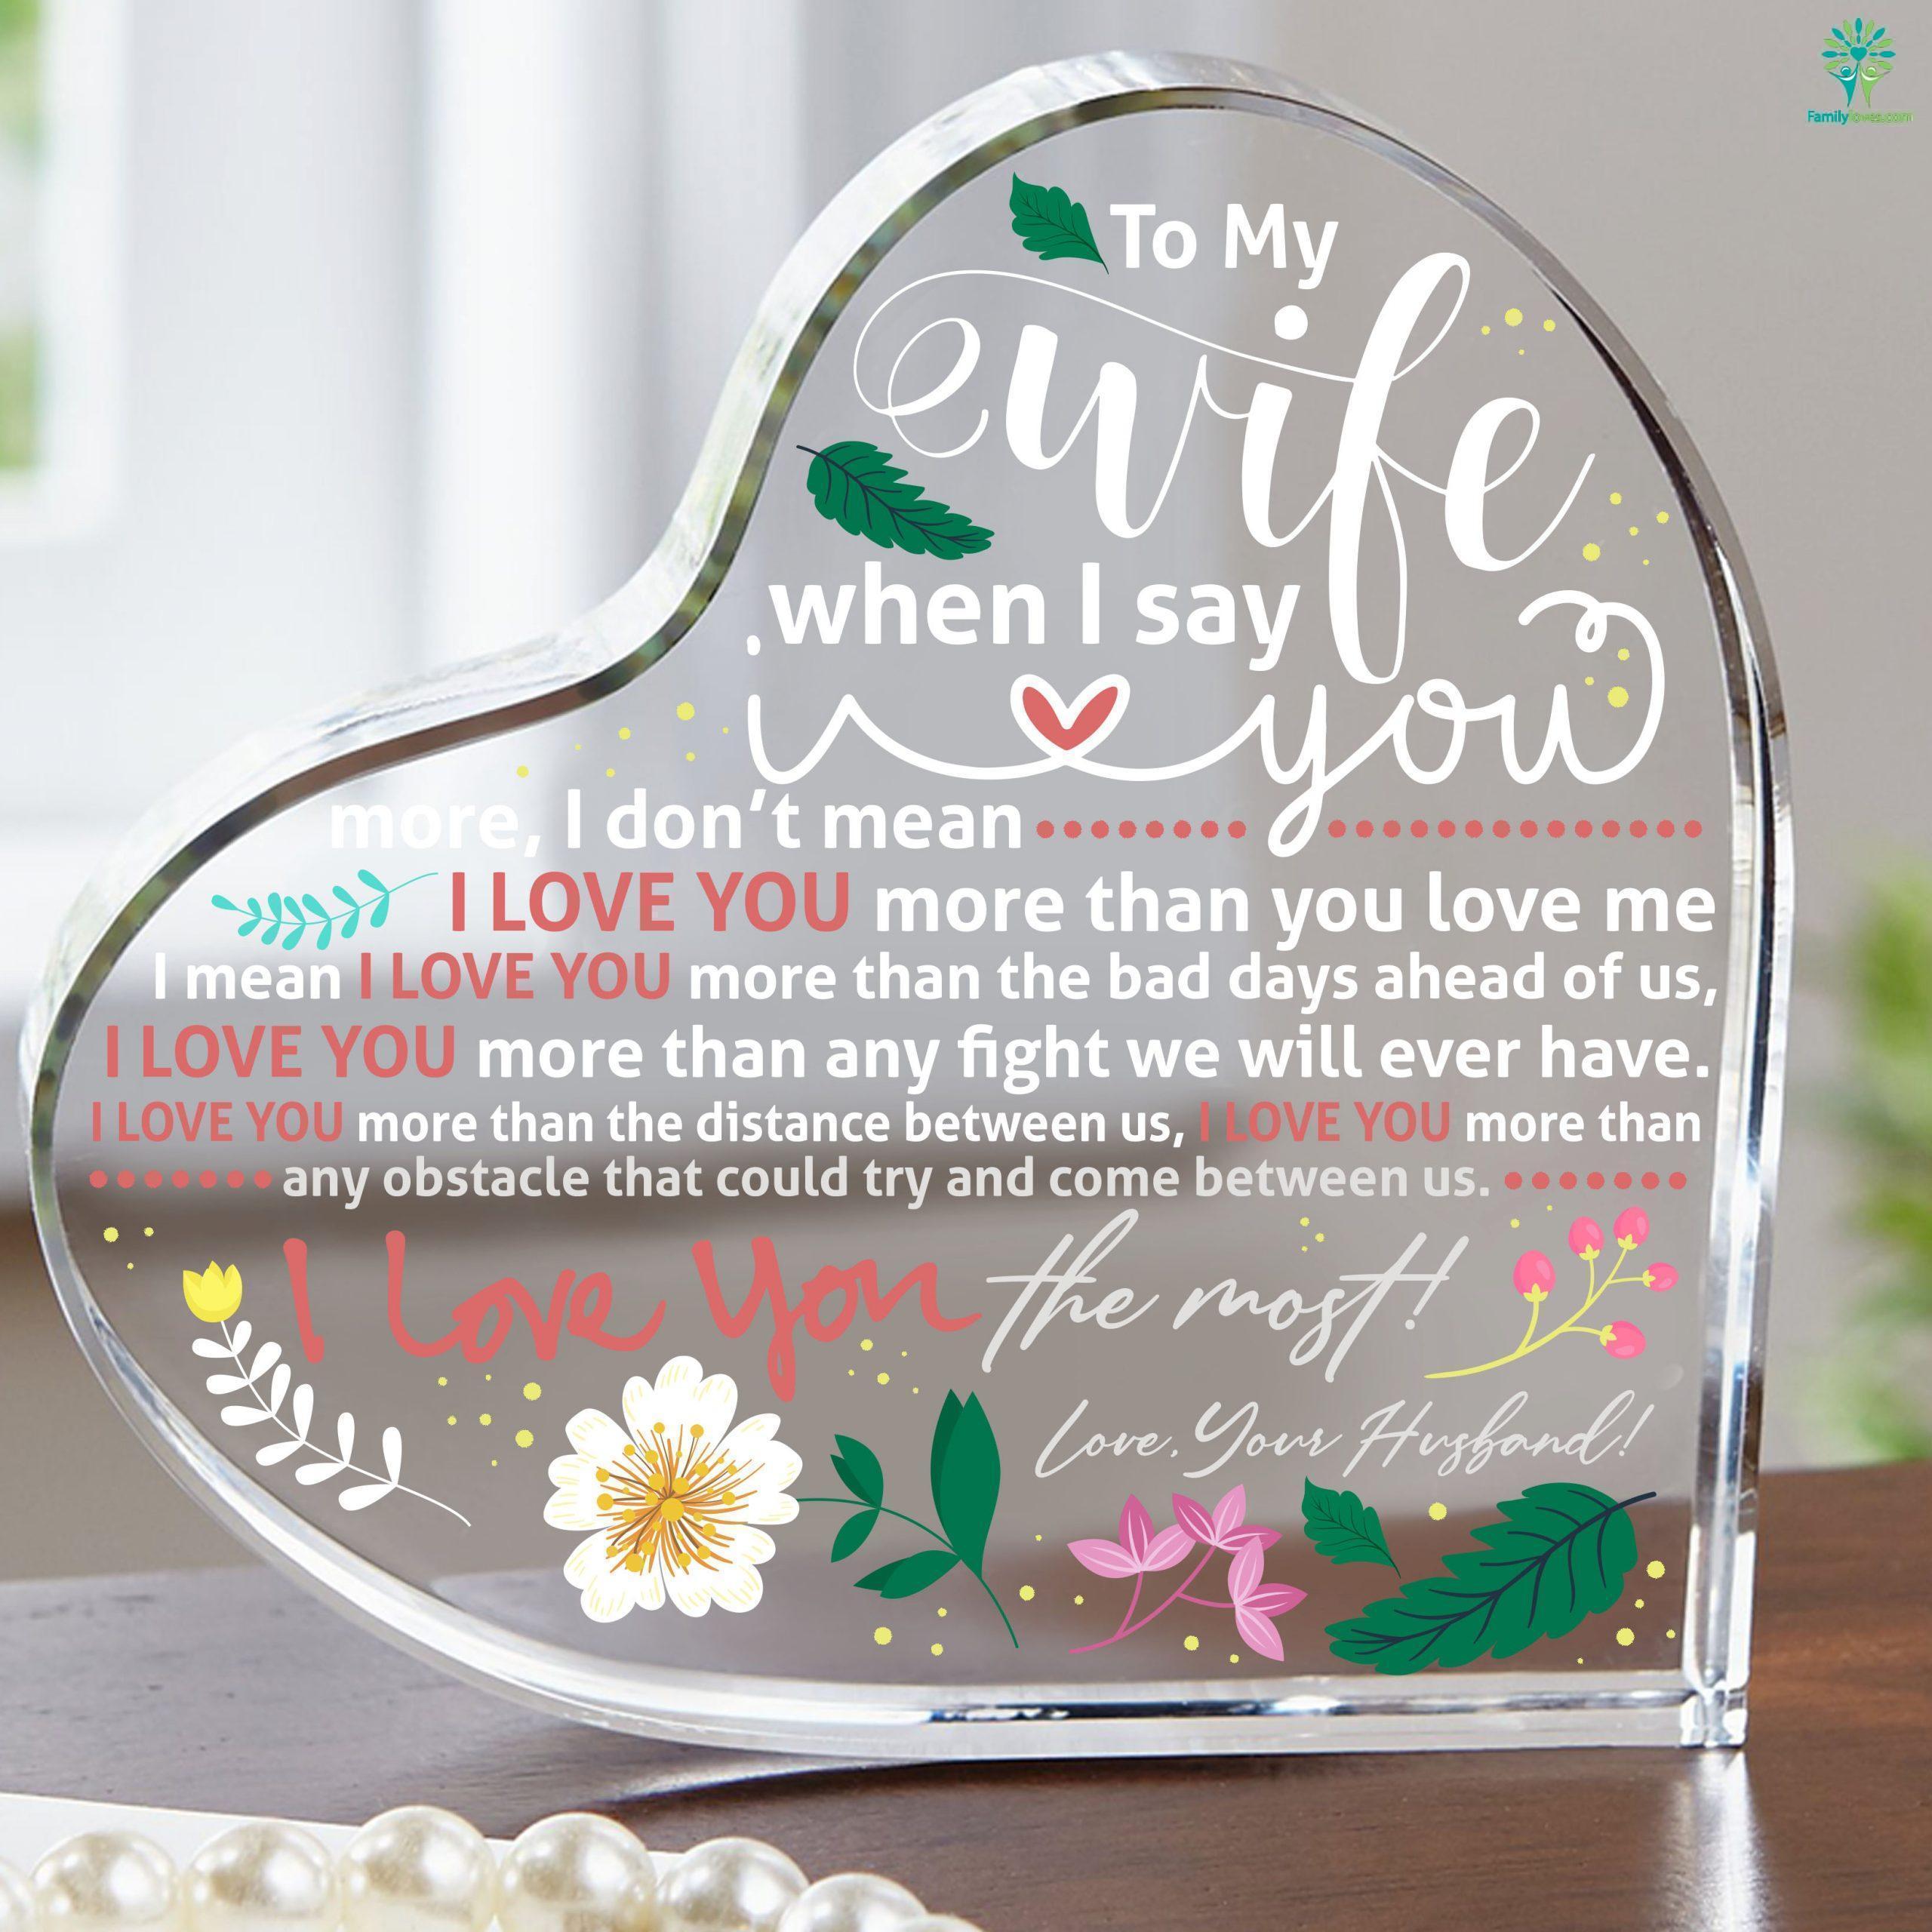 To My Wife When I Say I Love You More Heart Keepsake Familyloves.com